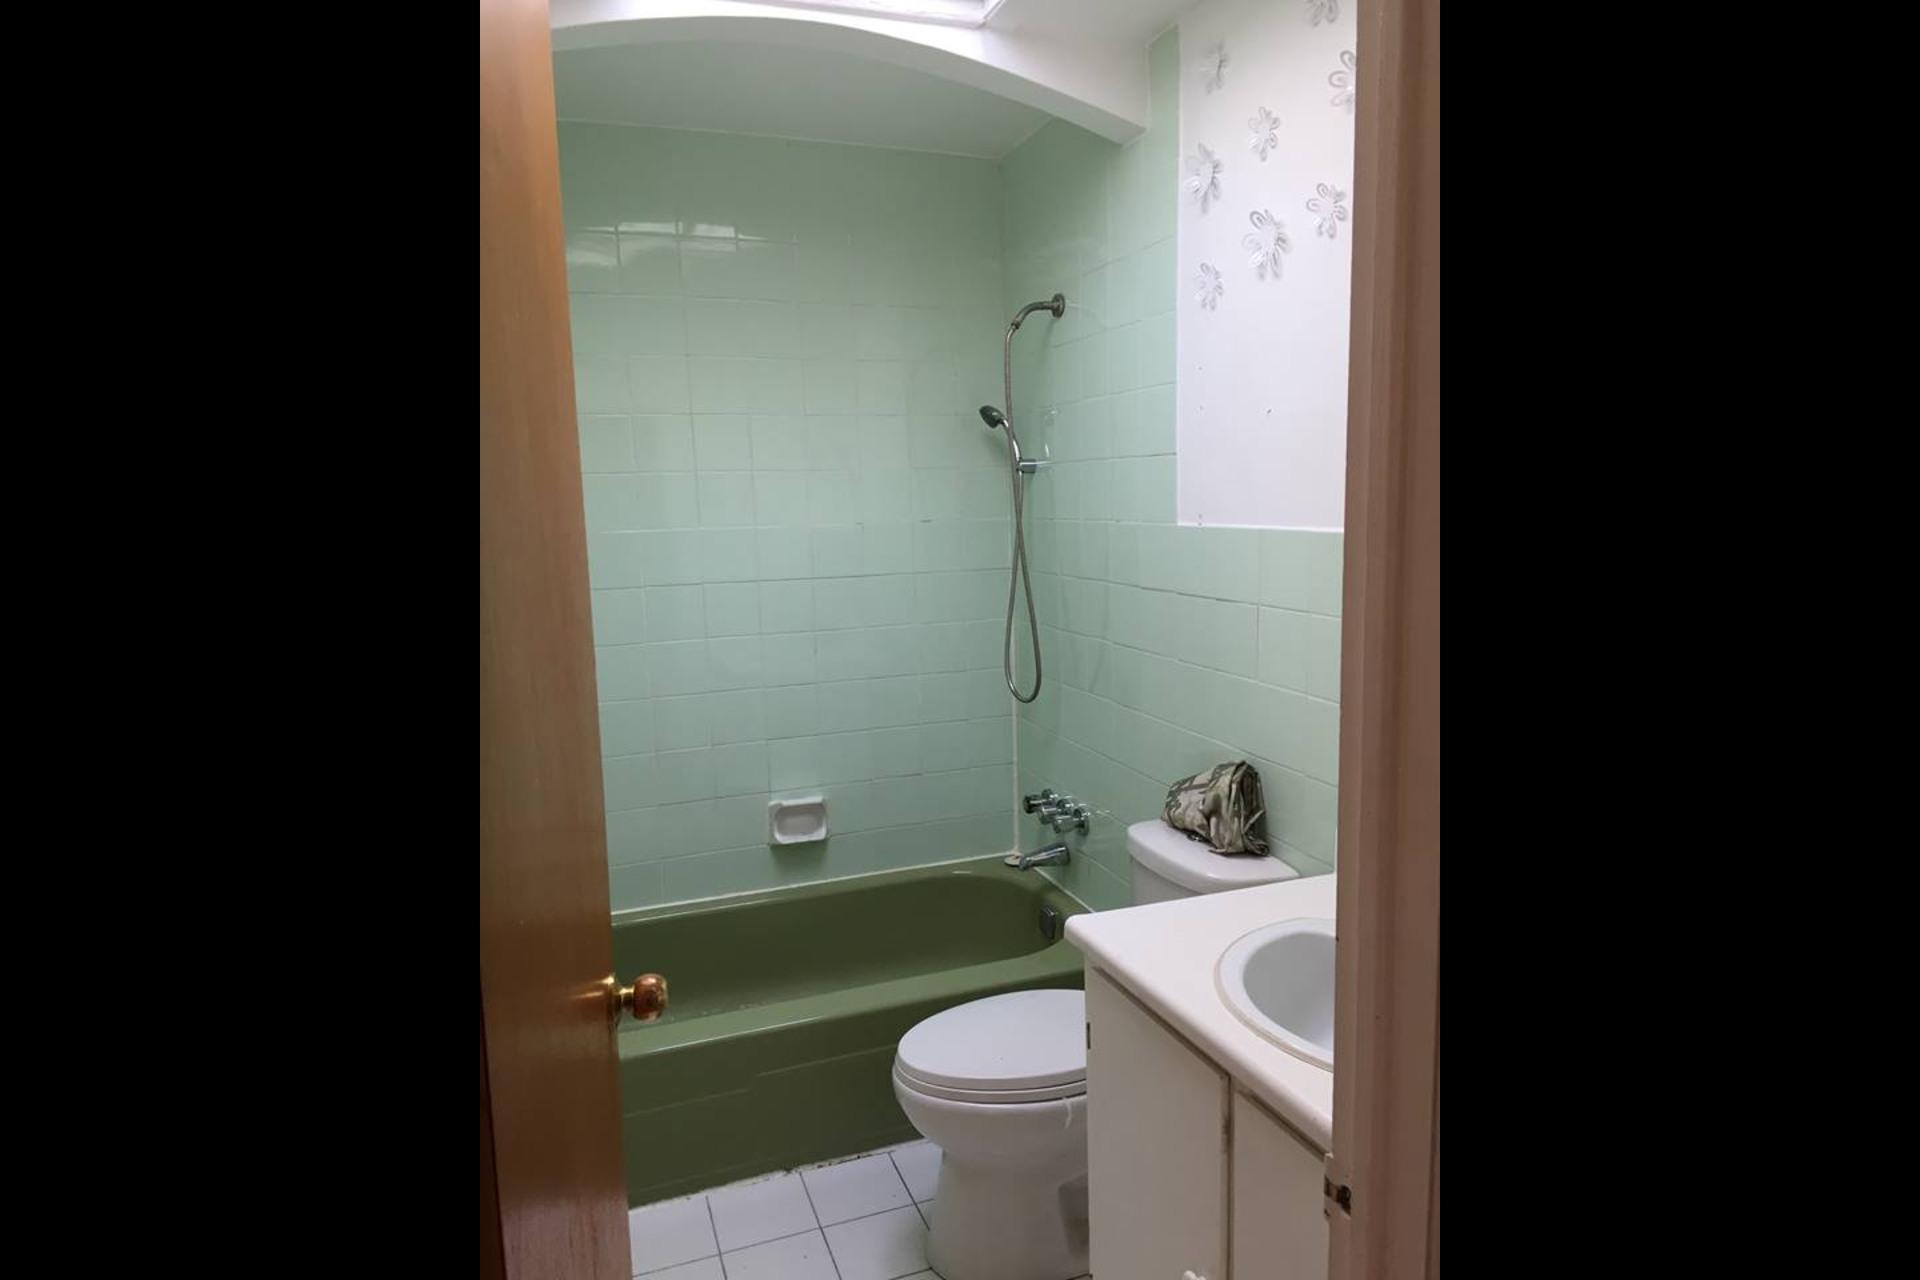 image 5 - Appartement À louer Montréal Saint-Leonard - 4 pièces